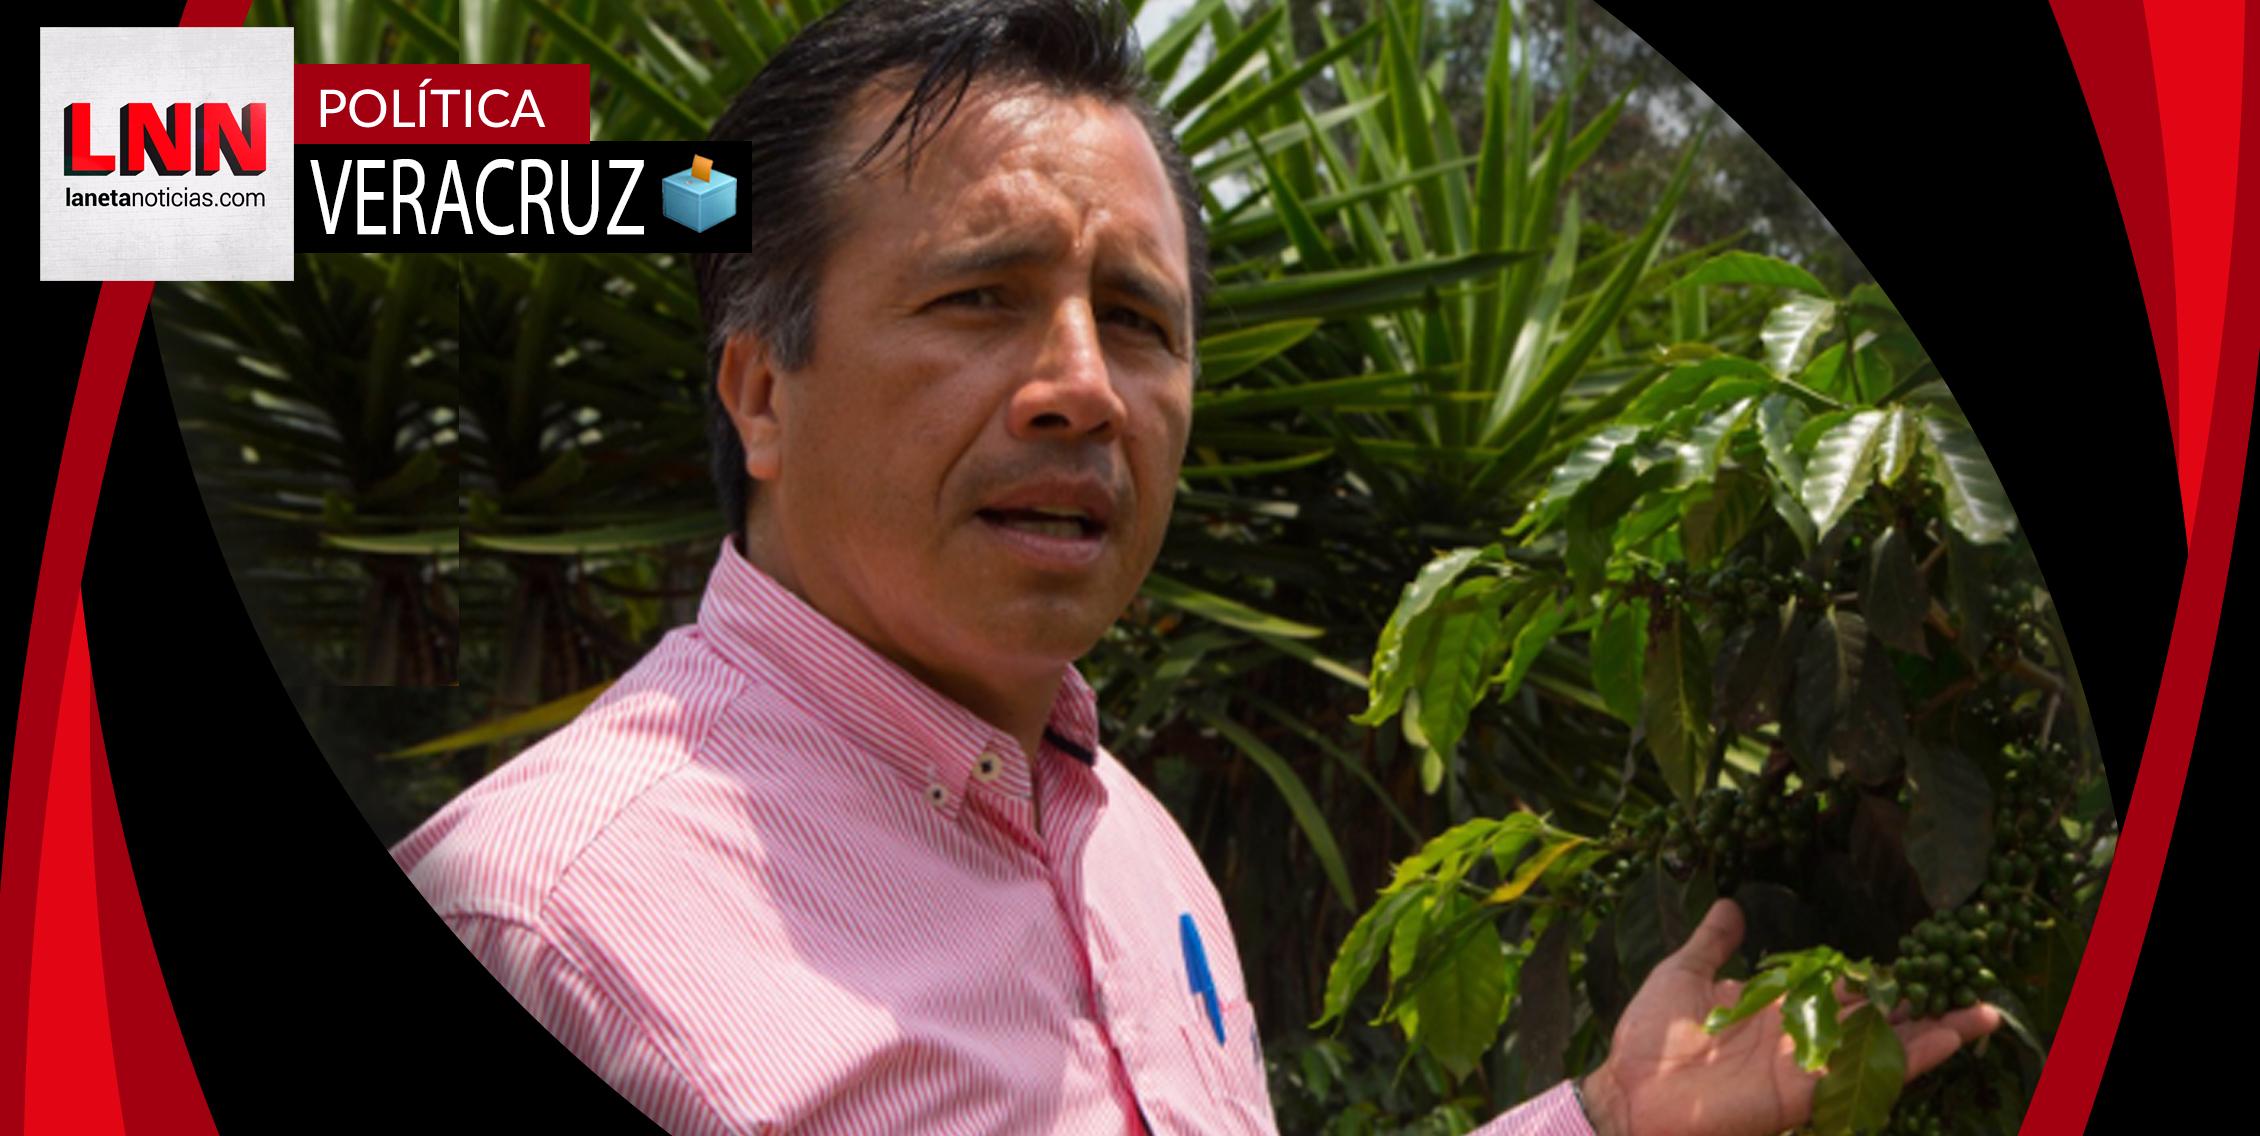 Cuitláhuac García impulsará Veracruz con proyectos productivos